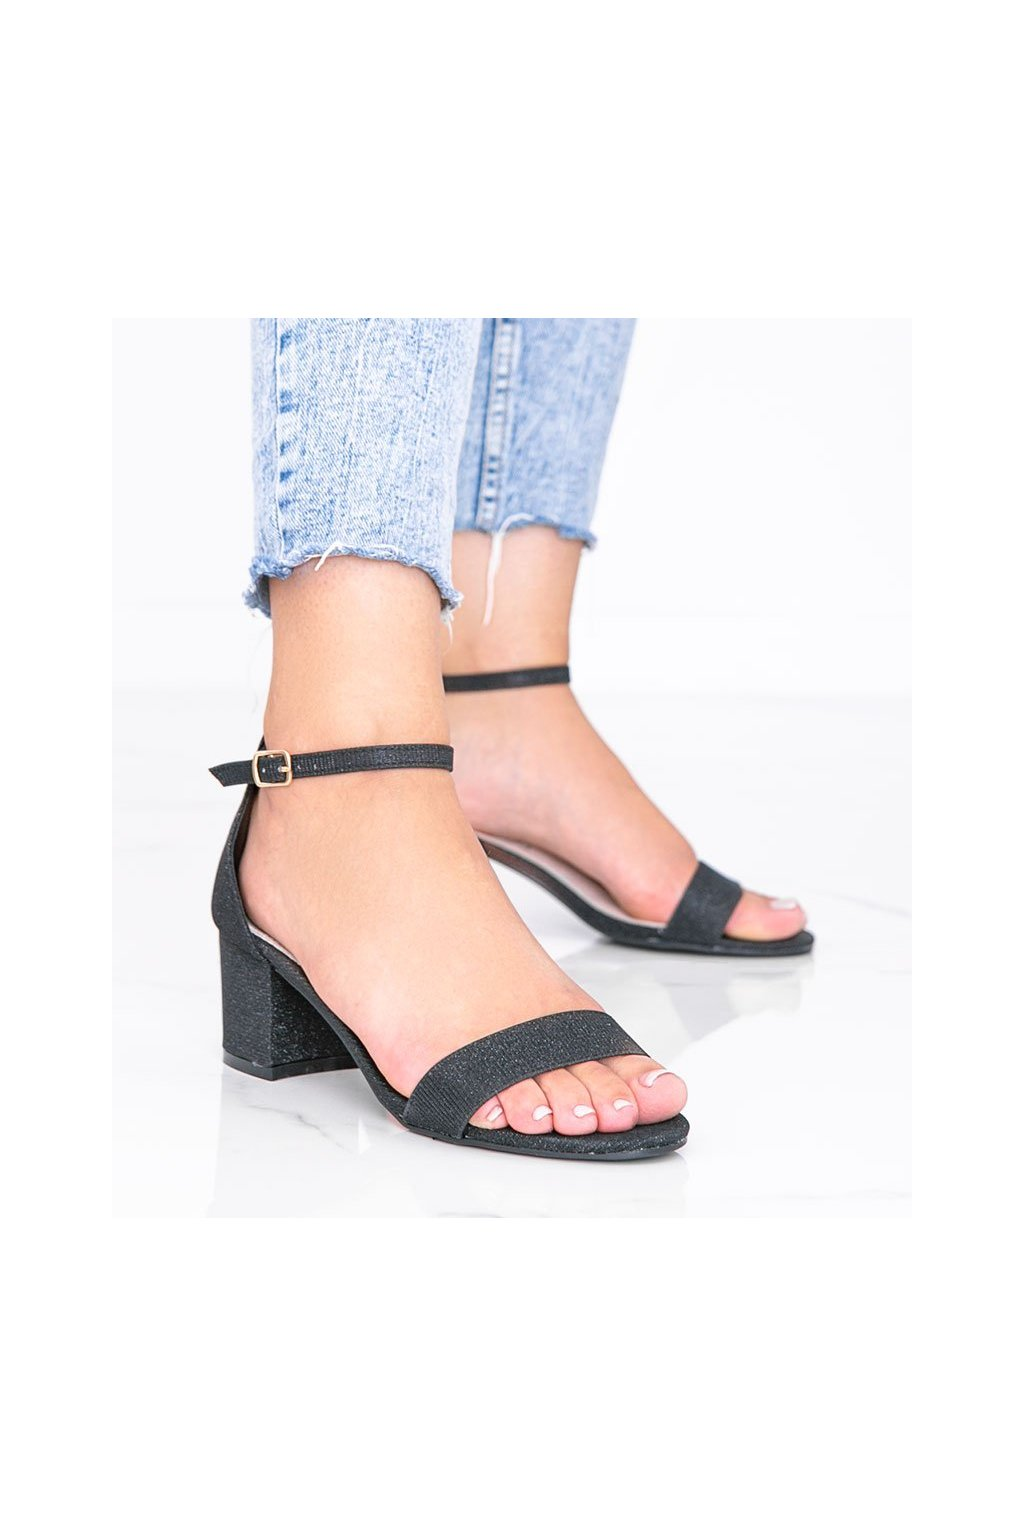 Dámske topánky sandále čierne kód LEI-360 - GM